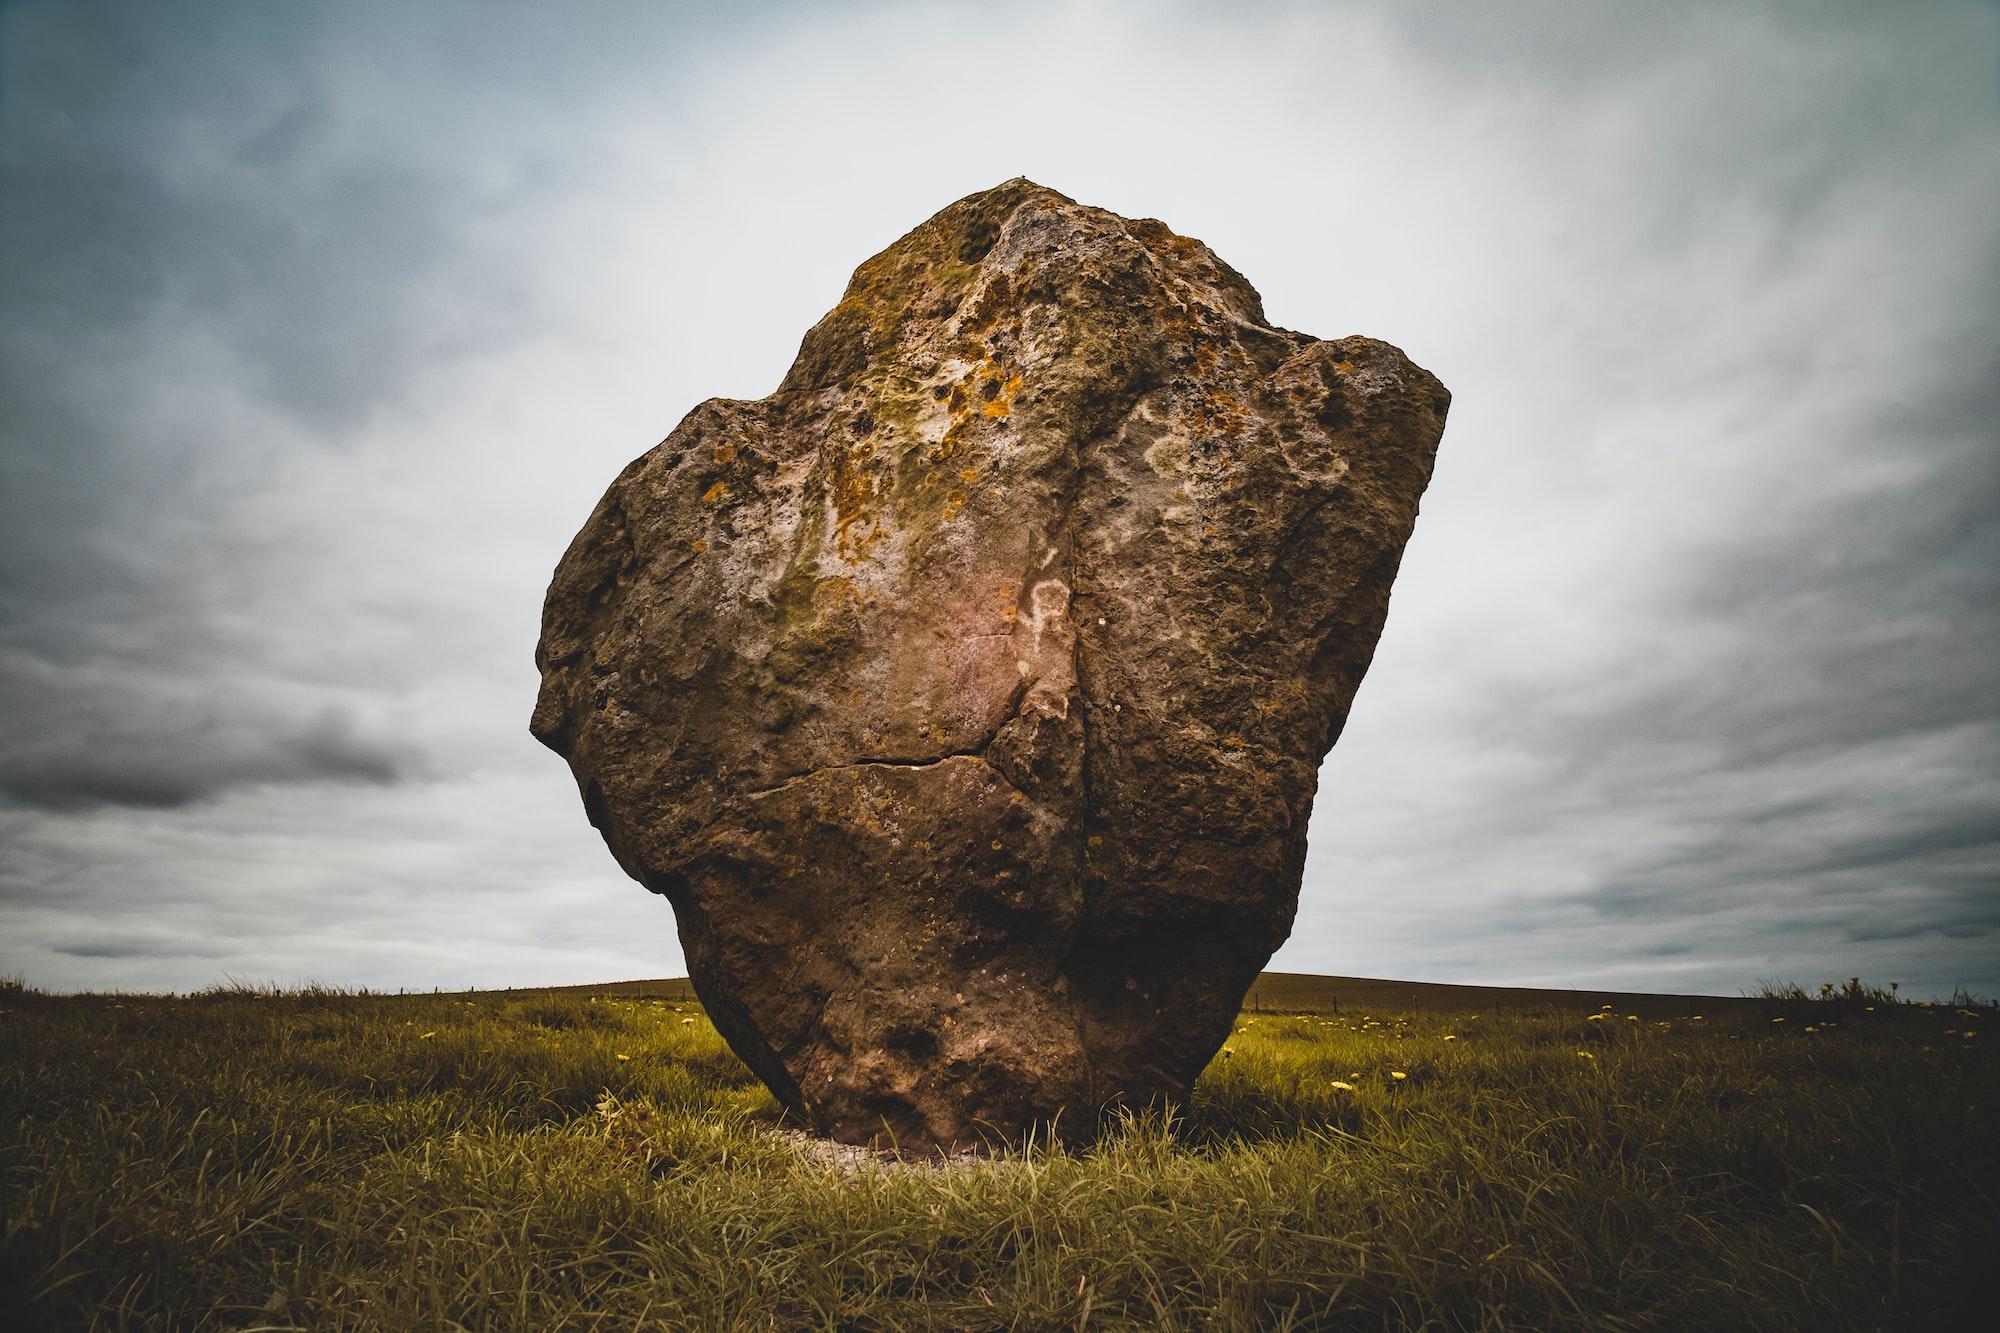 The Majestic Pseudo-Monolith